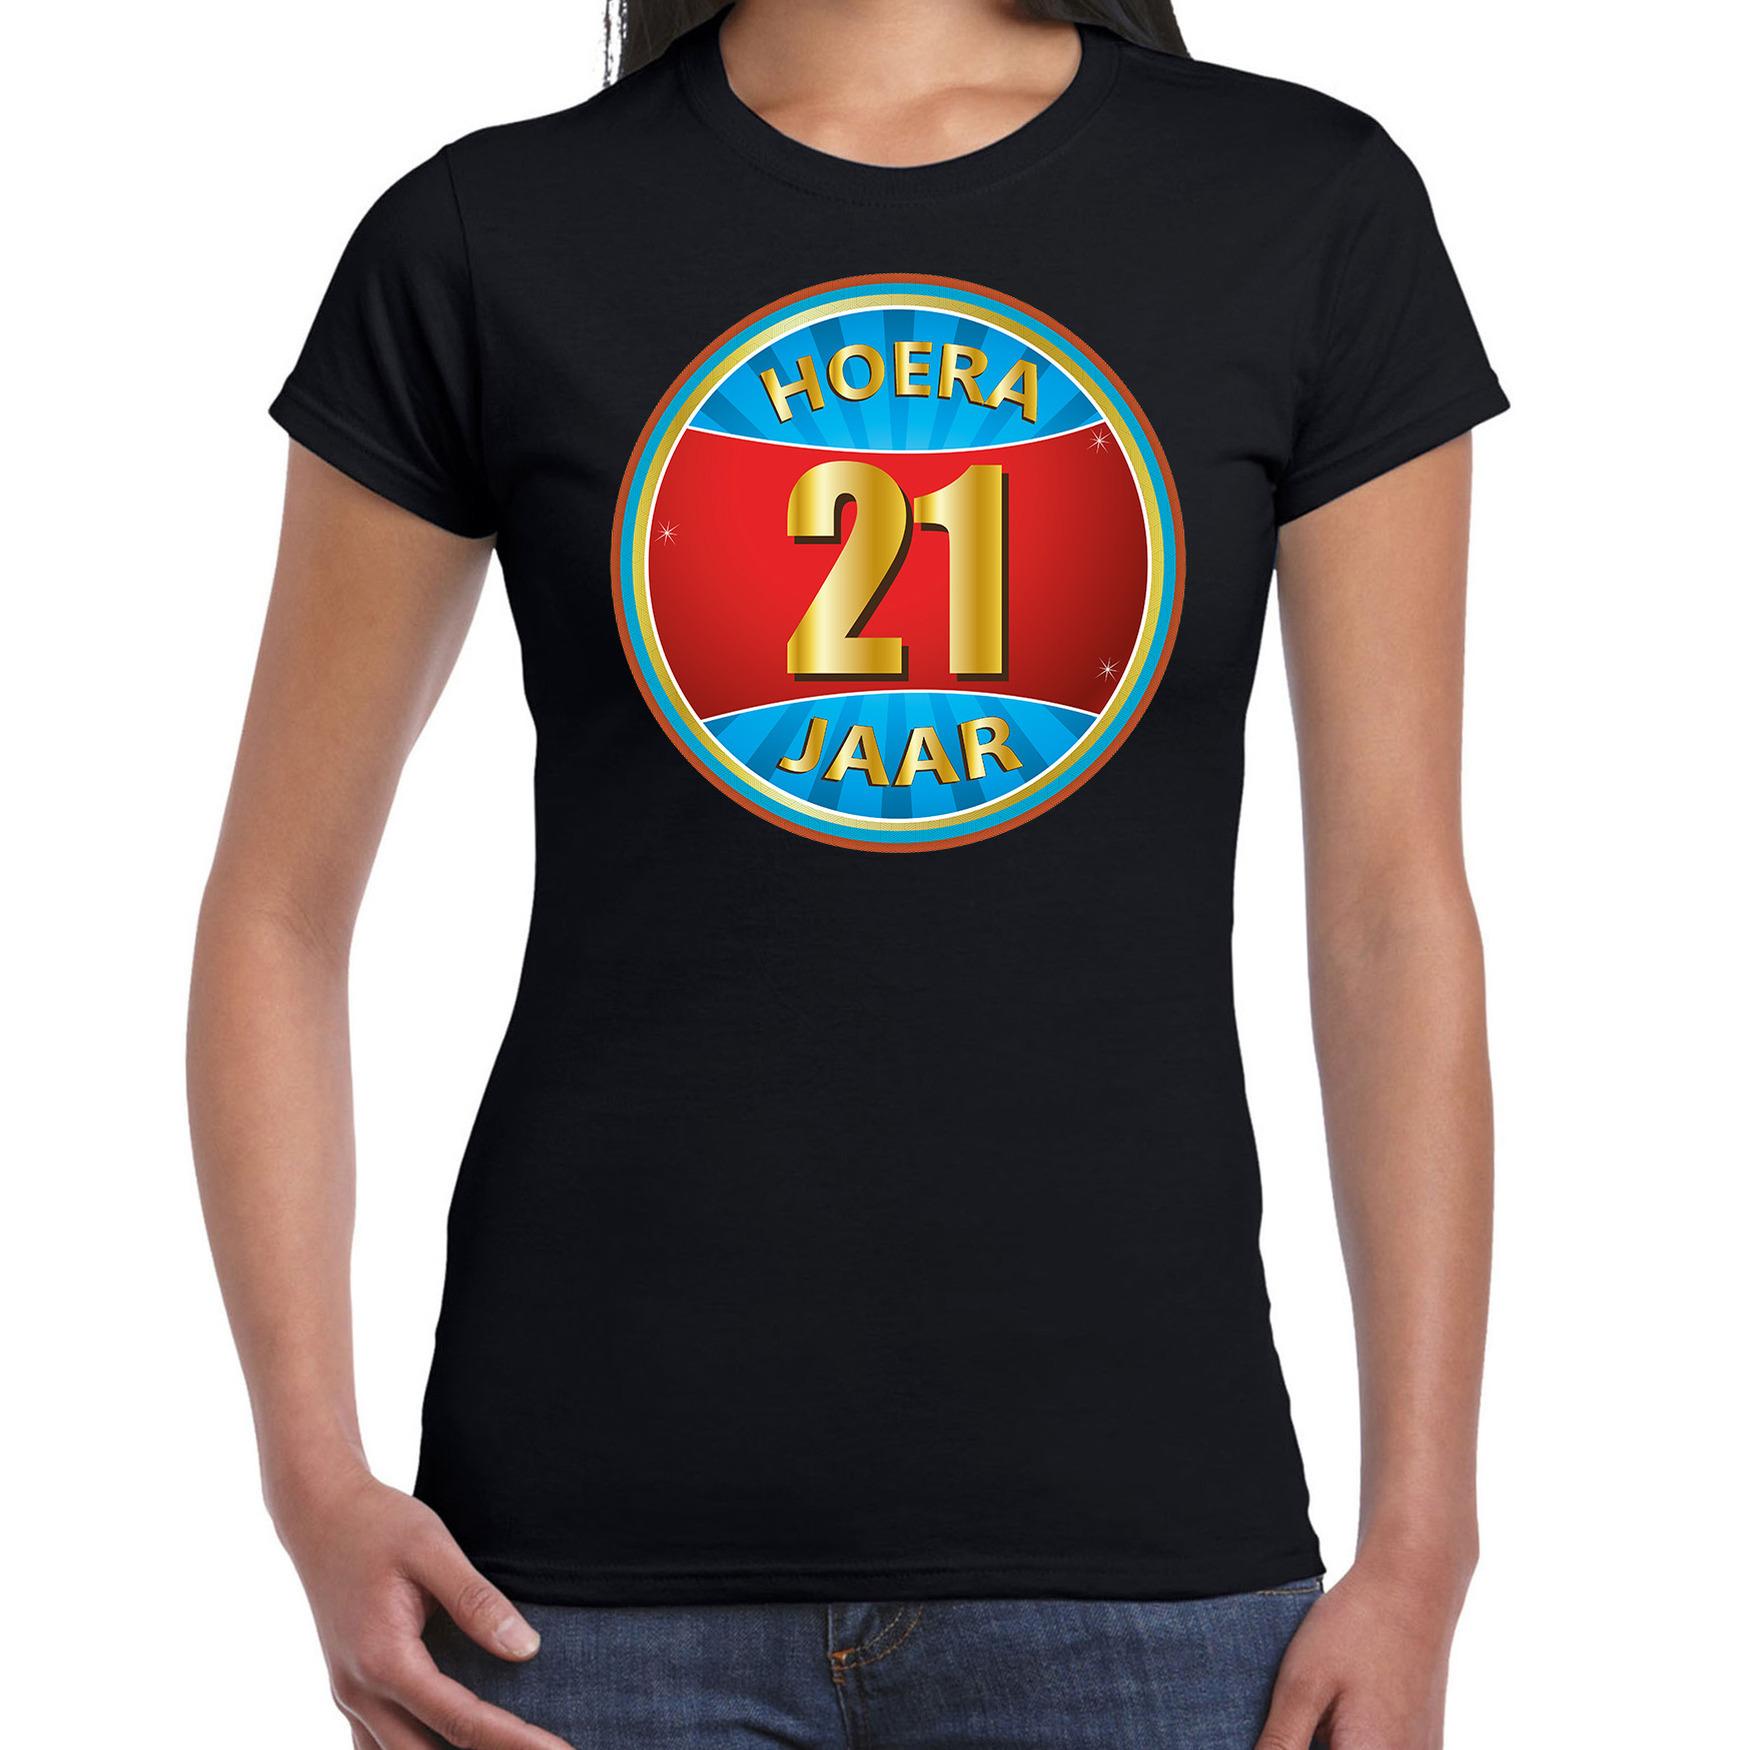 21e verjaardag cadeau t shirt hoera 21 jaar zwart voor dames